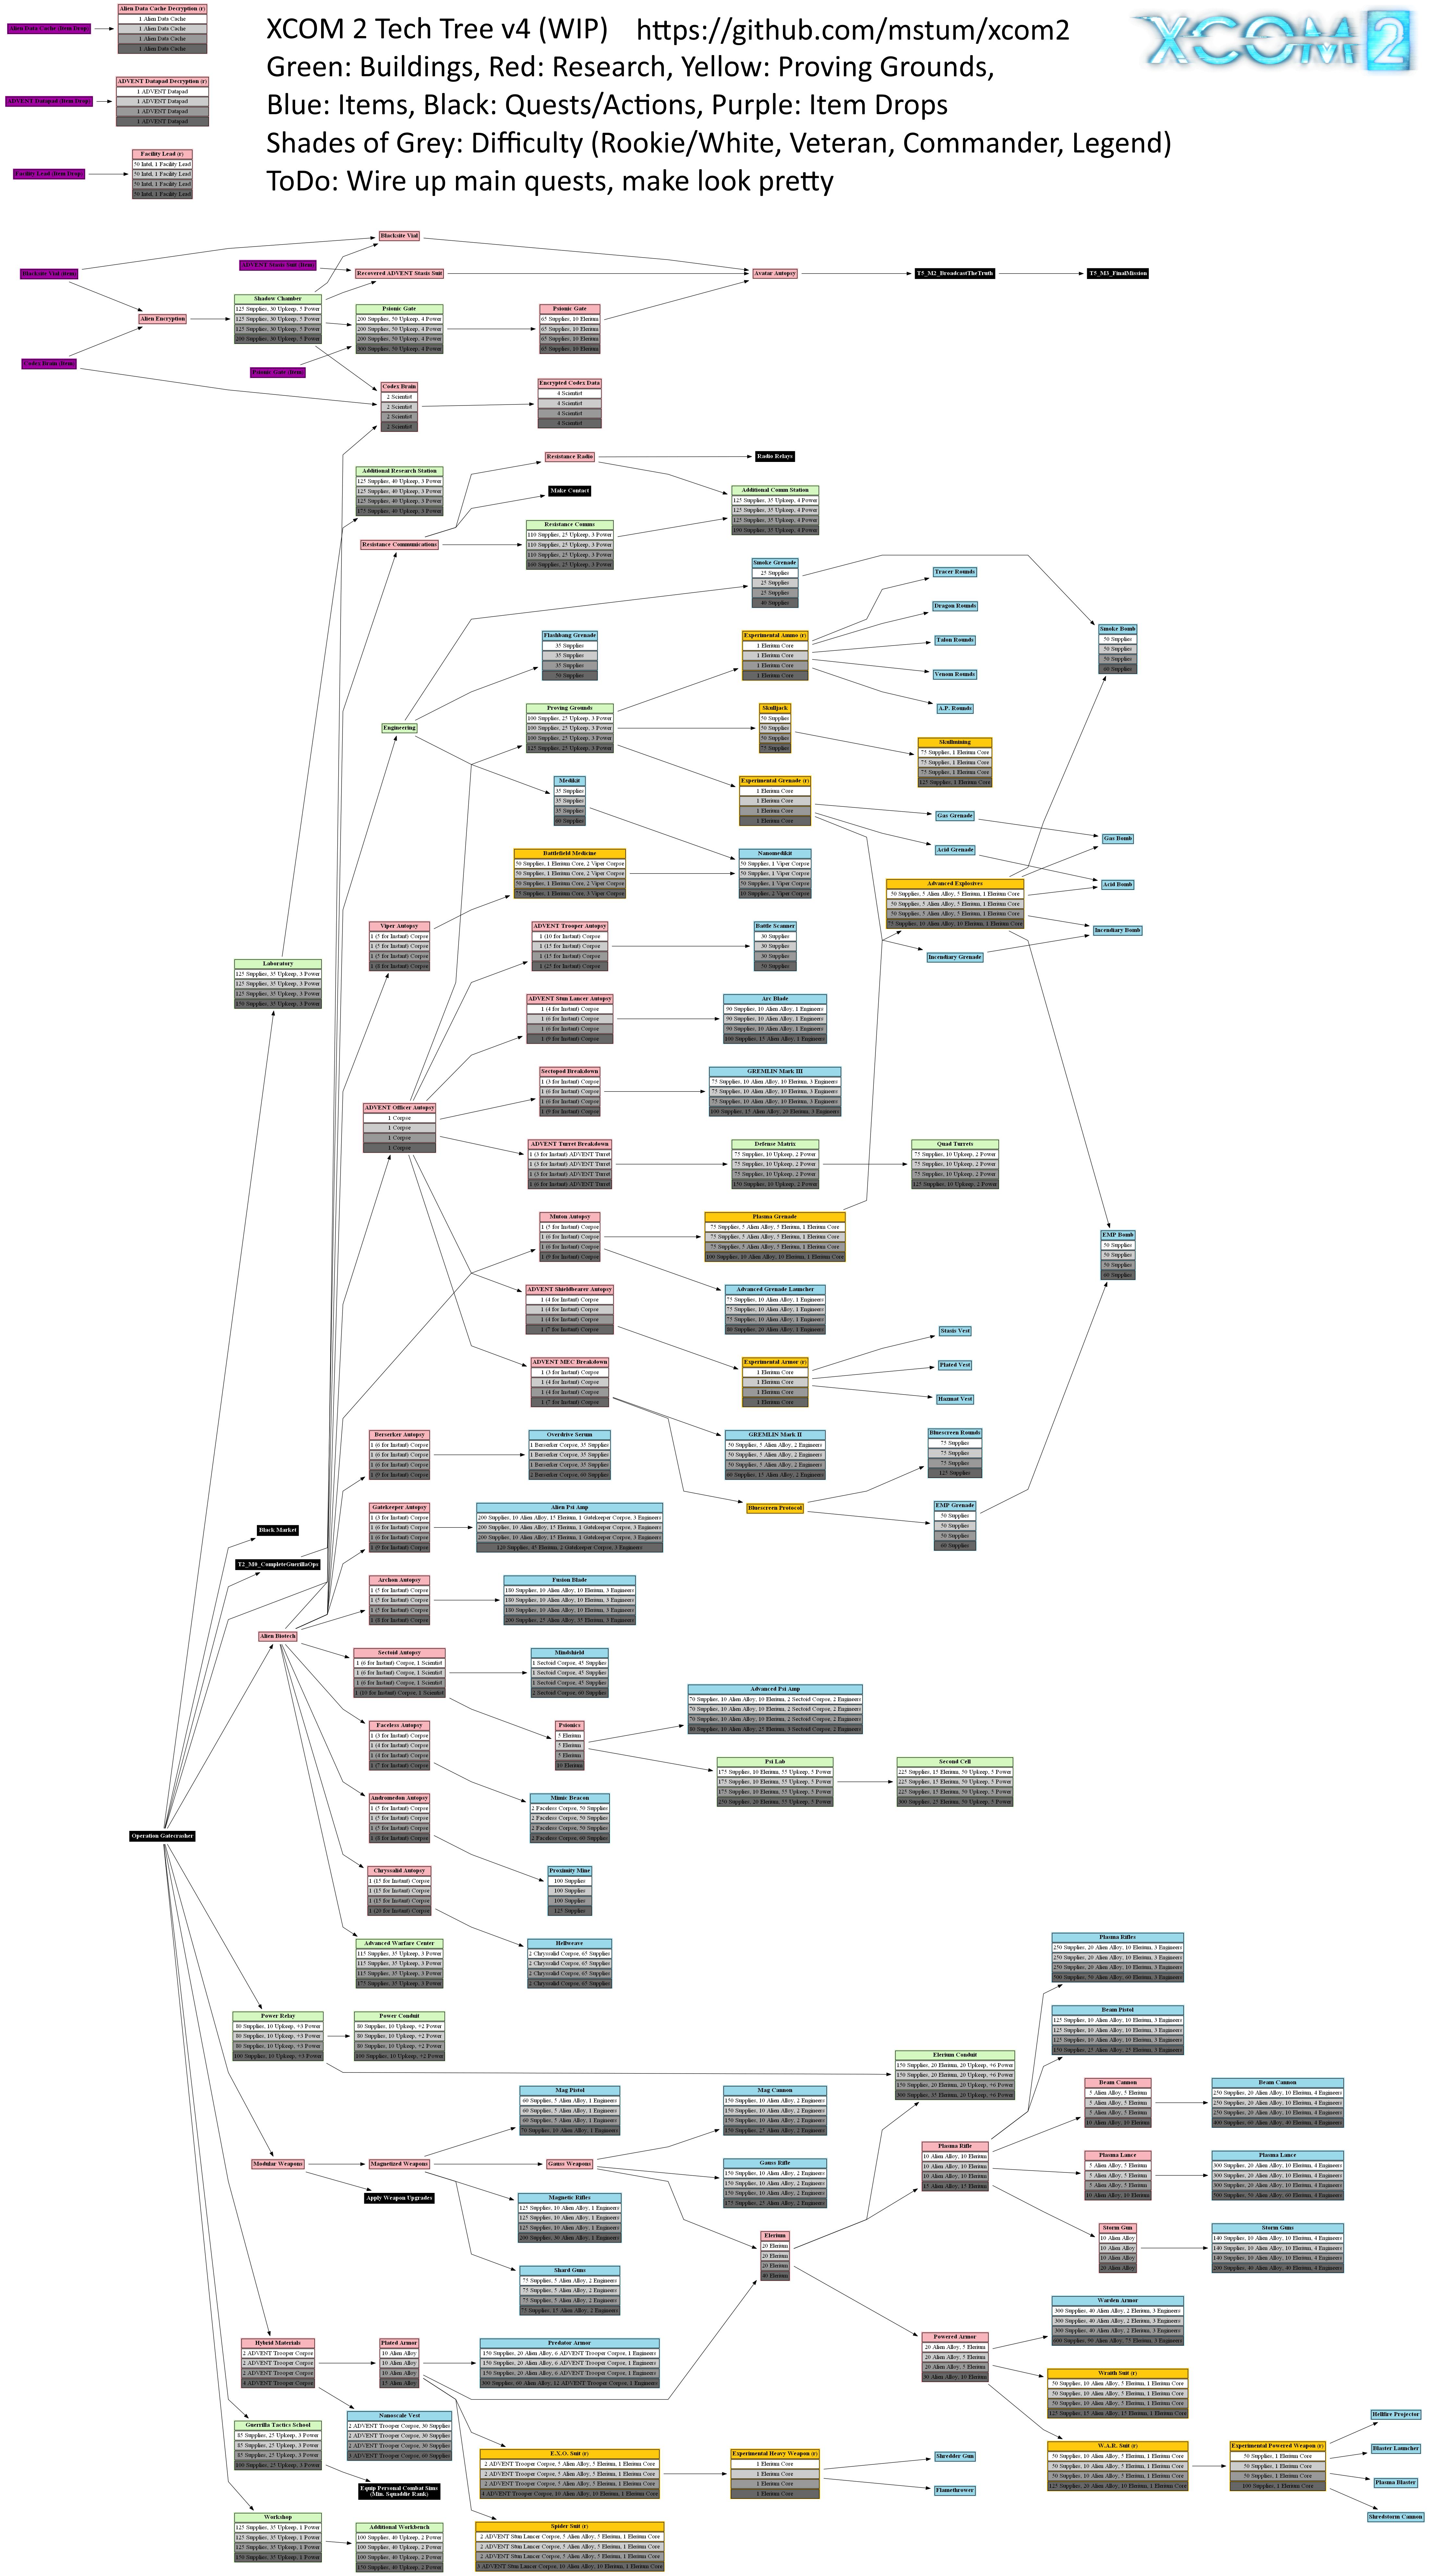 Klicken Sie auf die Grafik für eine größere Ansicht  Name:xcom2techtree4.png Hits:172 Größe:1,91 MB ID:881810